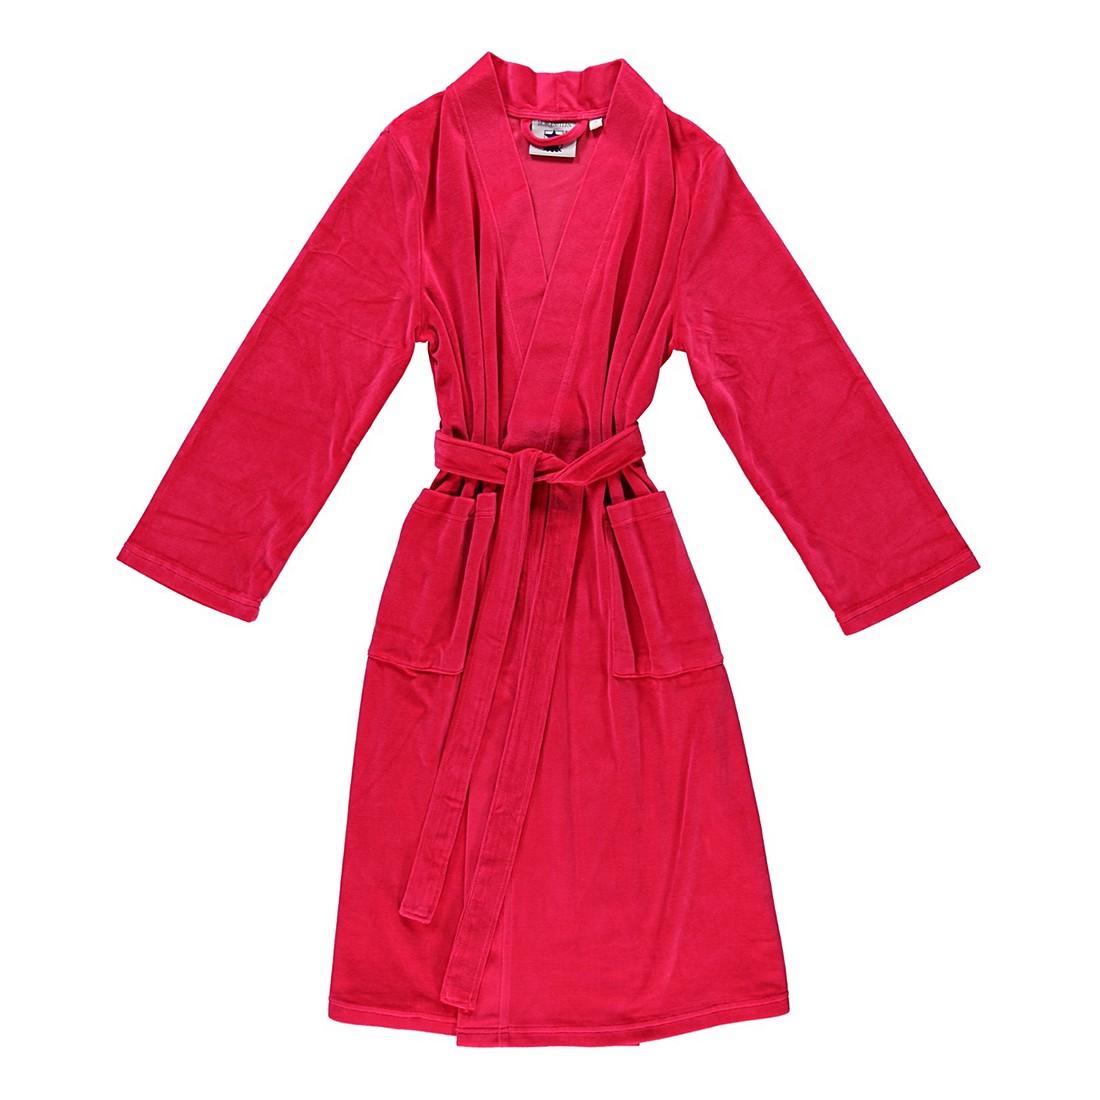 Bademantel Theresa – Damen – Nickivelours – 80% Baumwolle – 20% Polyester Pink – Größe: M, Morgenstern günstig